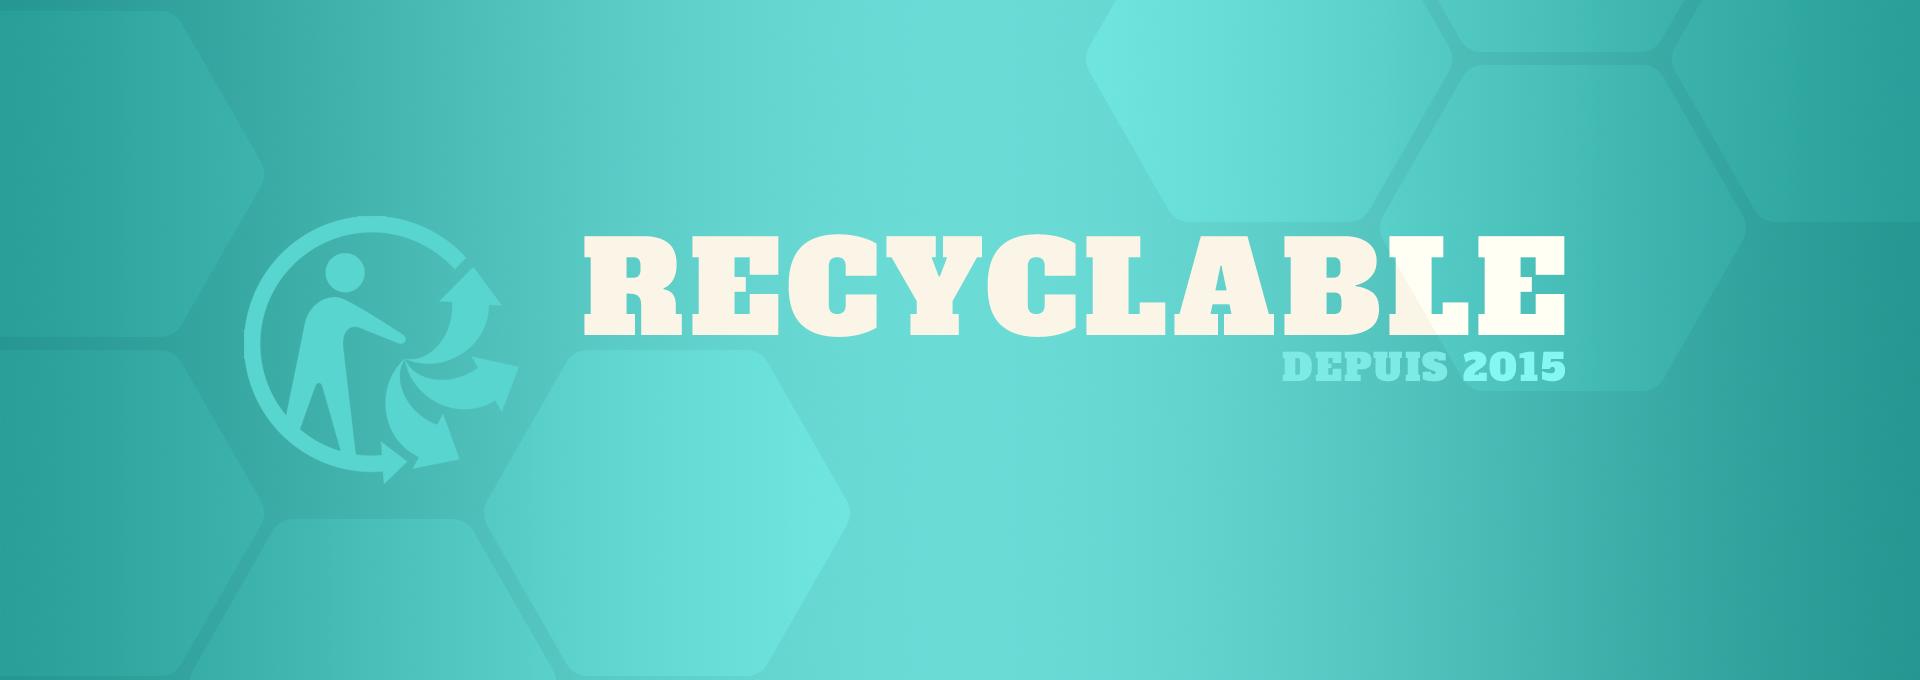 tri & déchets les logos du recyclage